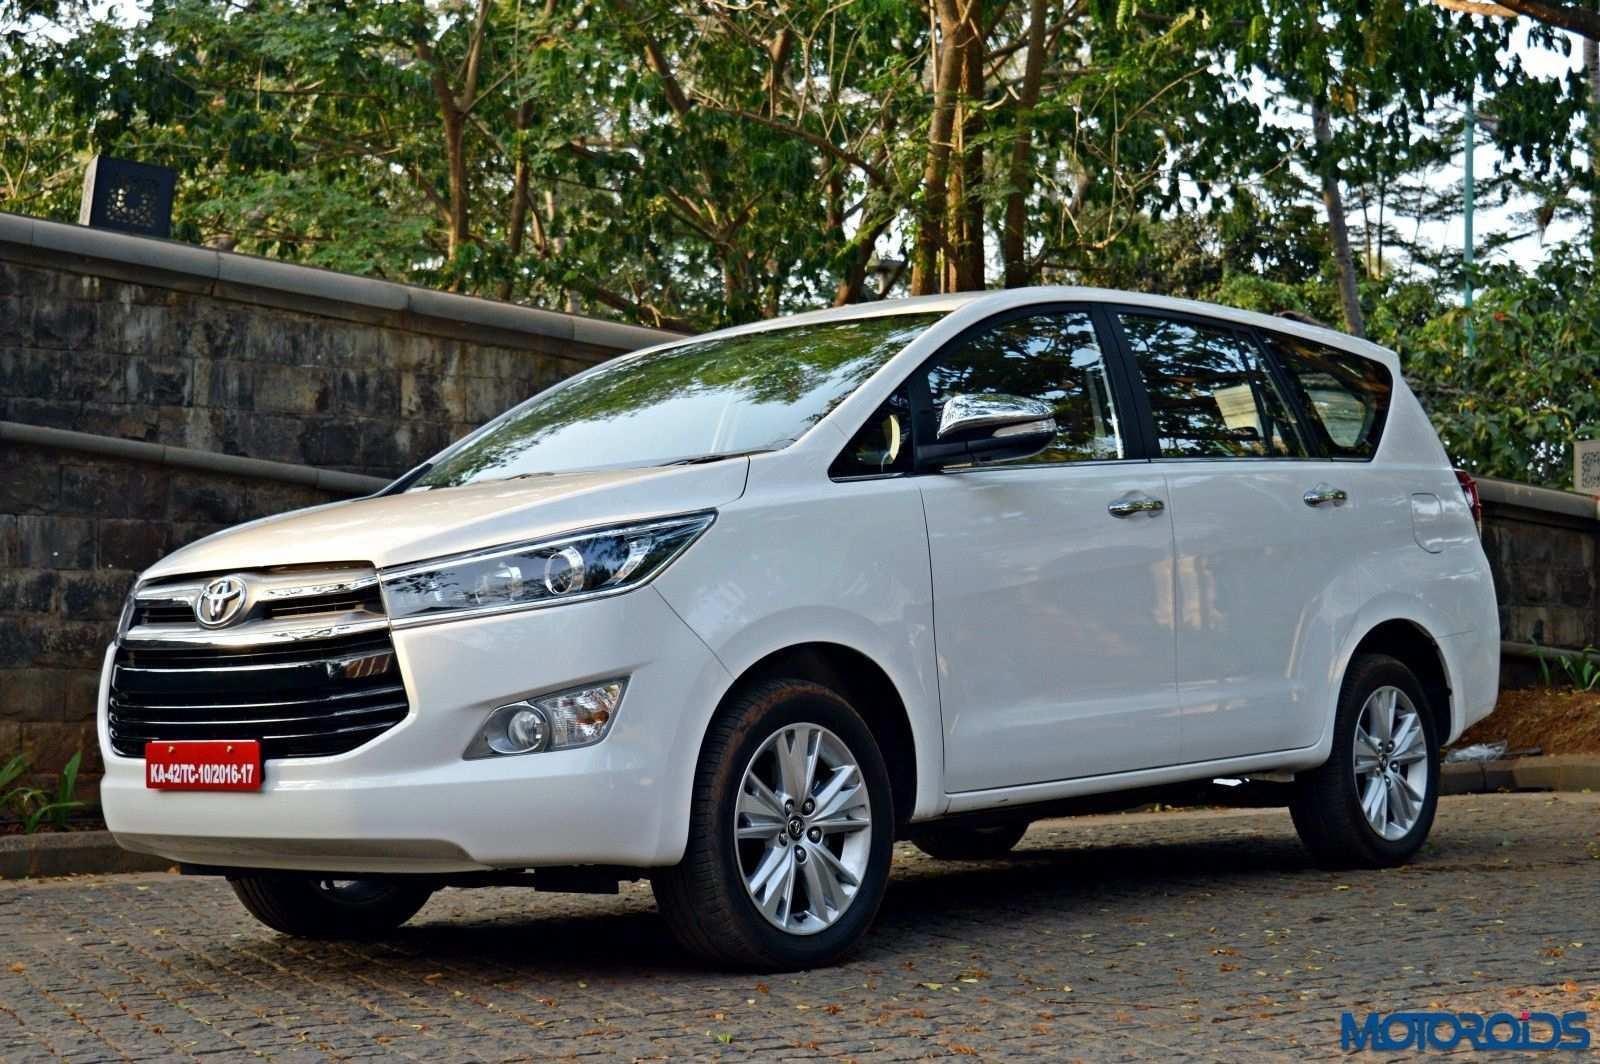 57 New 2020 Toyota Innova 2020 Style with 2020 Toyota Innova 2020